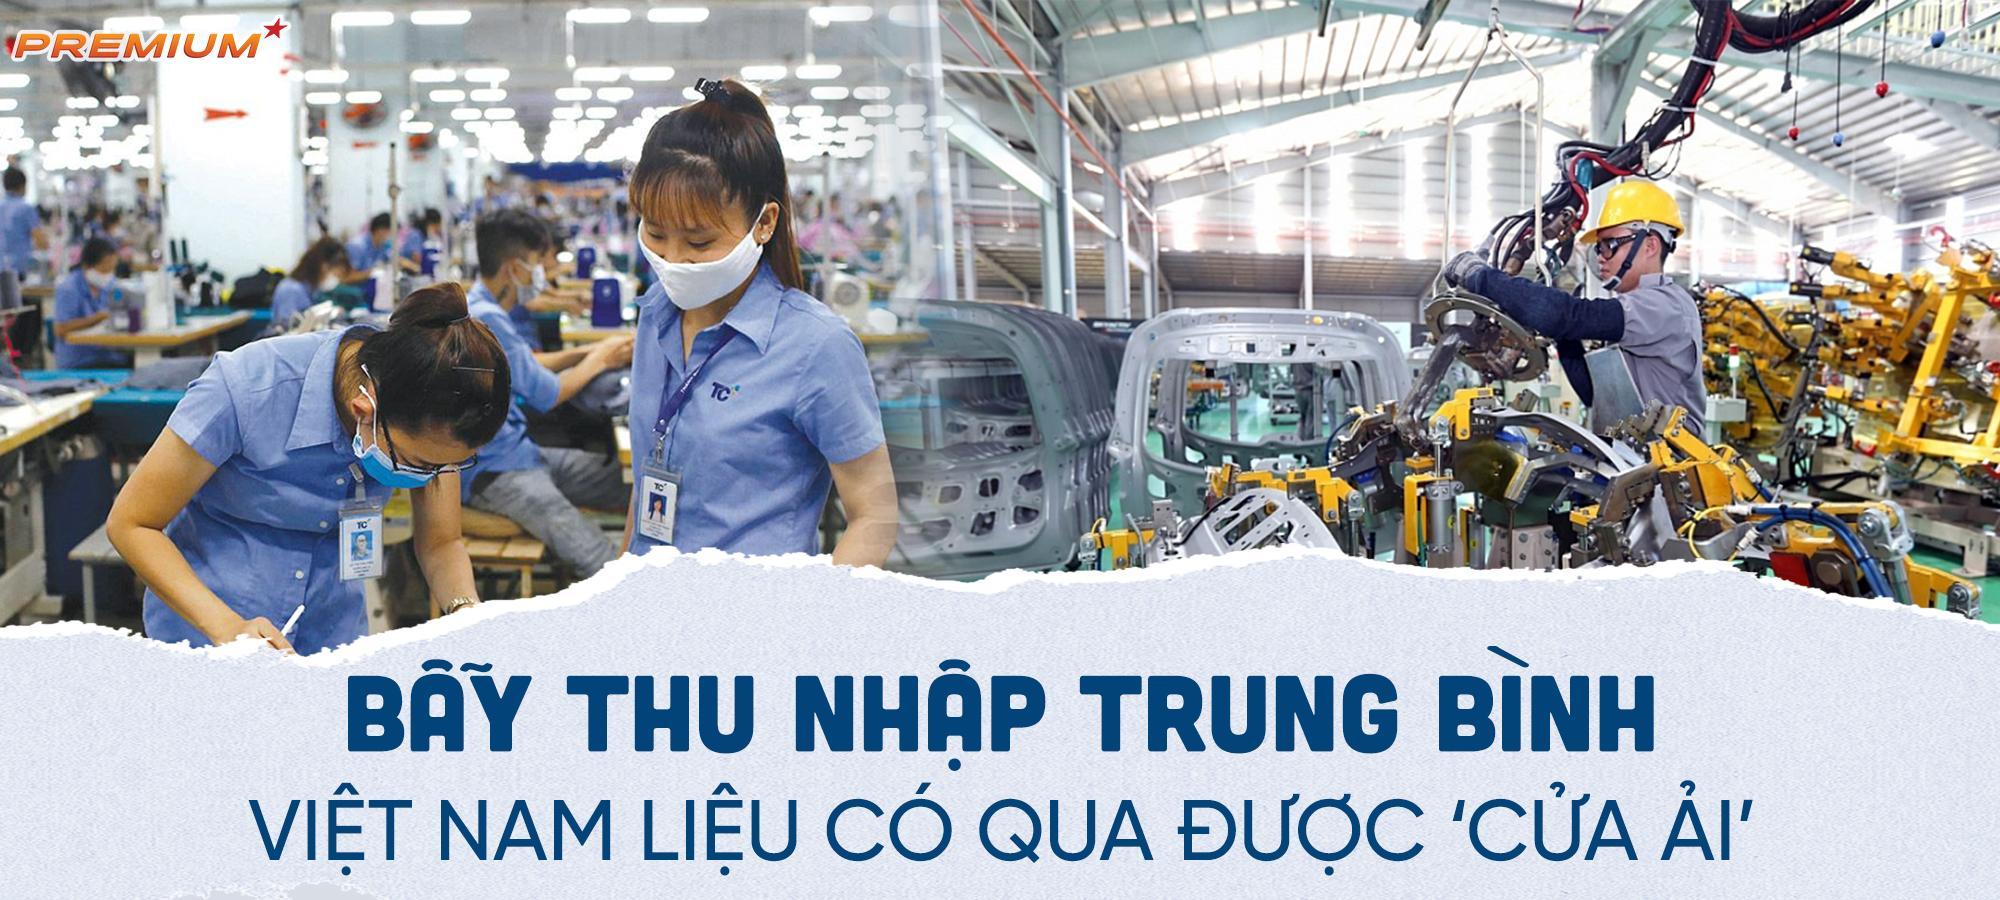 Bẫy thu nhập trung bình, Việt Nam liệu có qua được 'cửa ải'